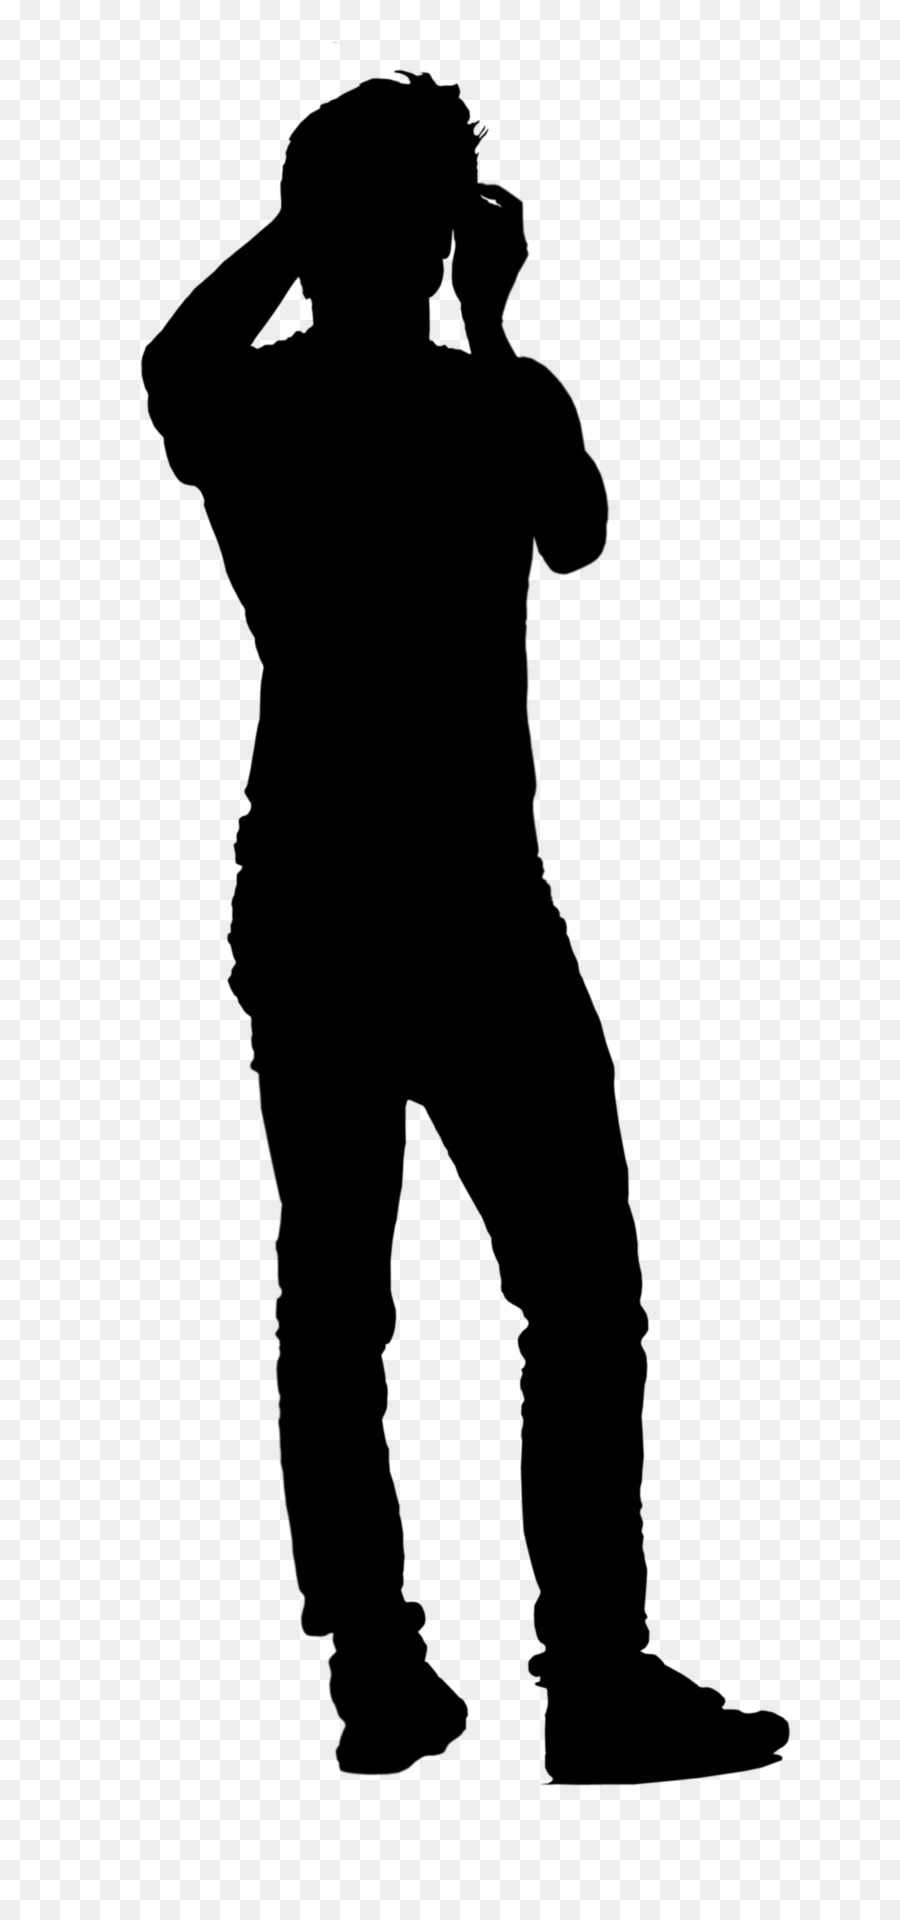 900x1920 Silhouette Person Clip Art